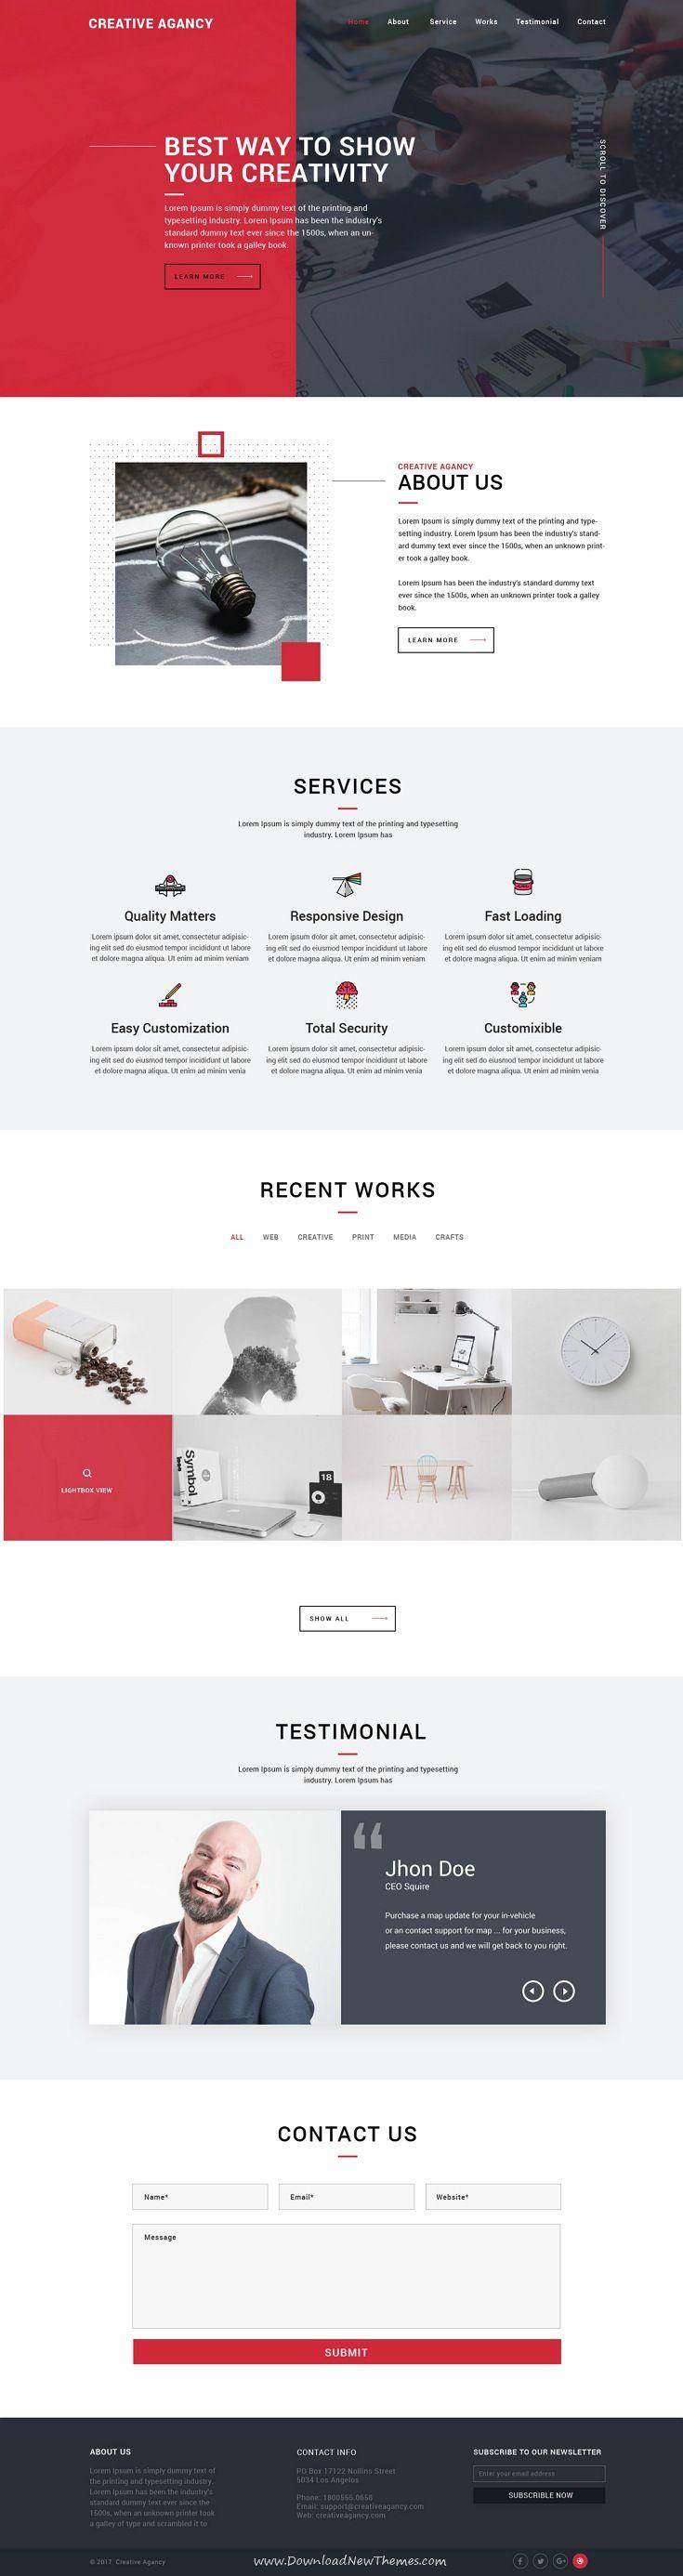 Creative Agency Psd Template Corporate Website Design Agency Website Design Website Design Layout